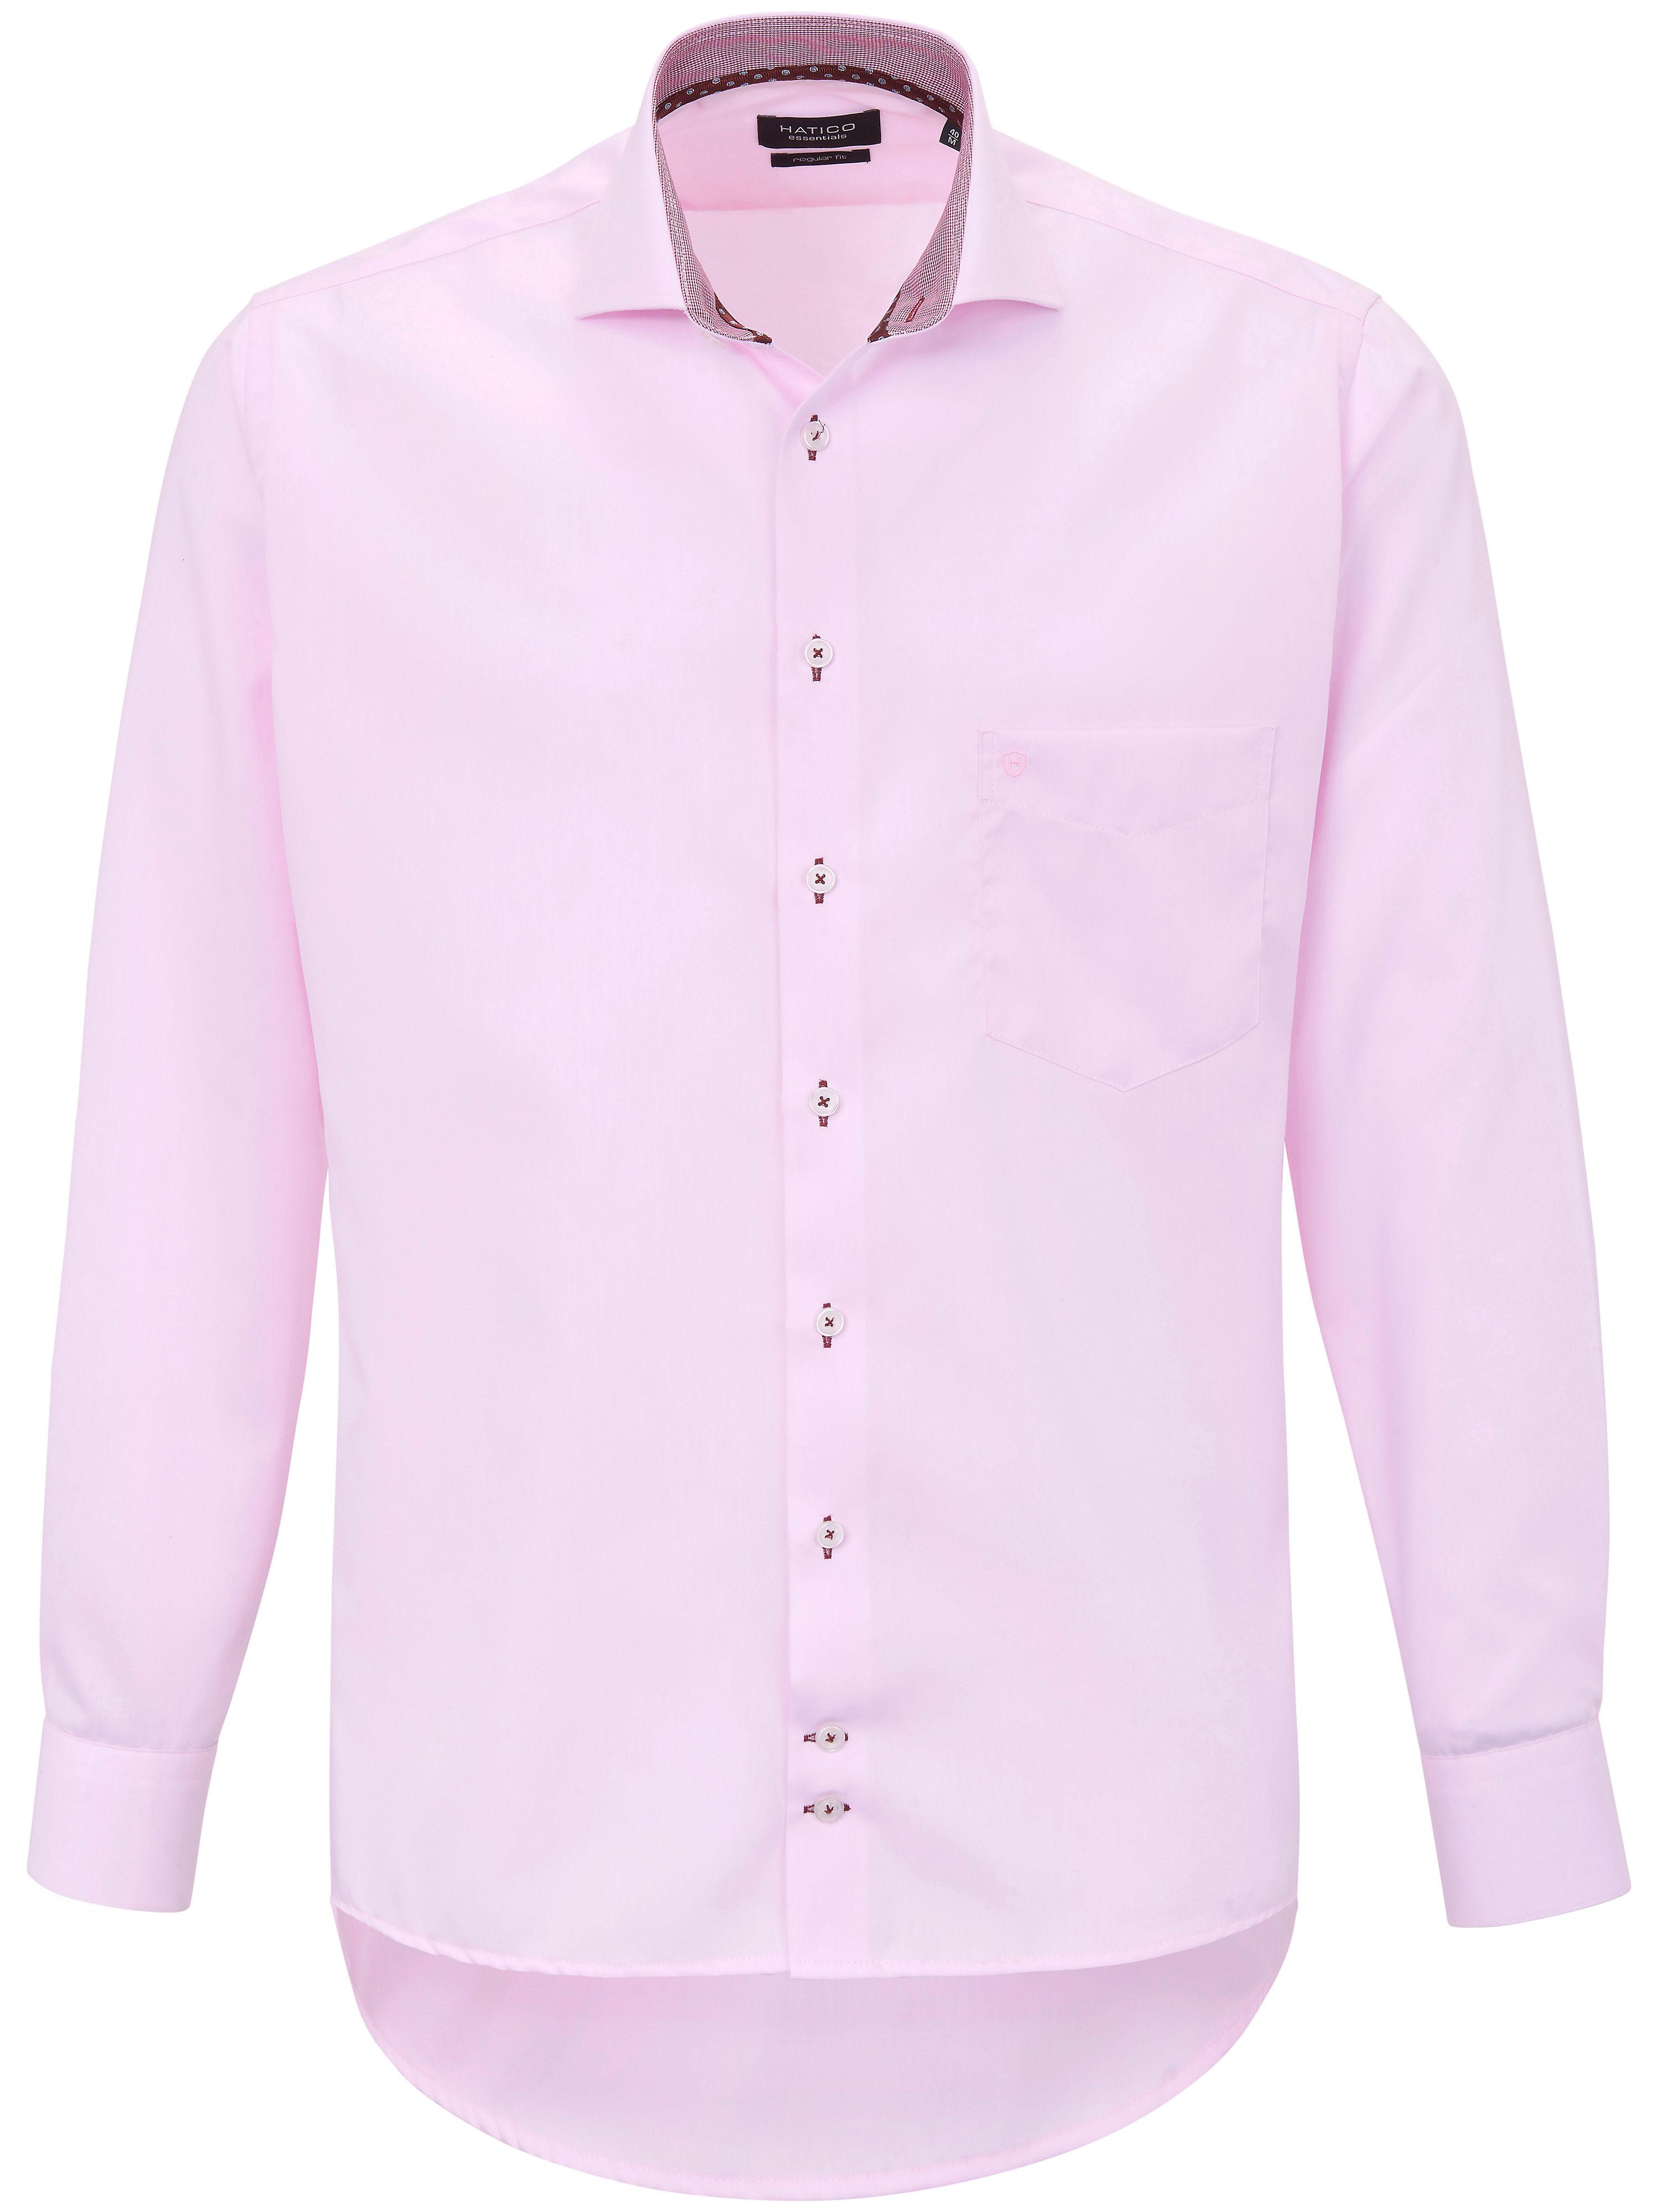 Hatico Skjorta hajfenskrage i 100% bomull från Hatico rosa